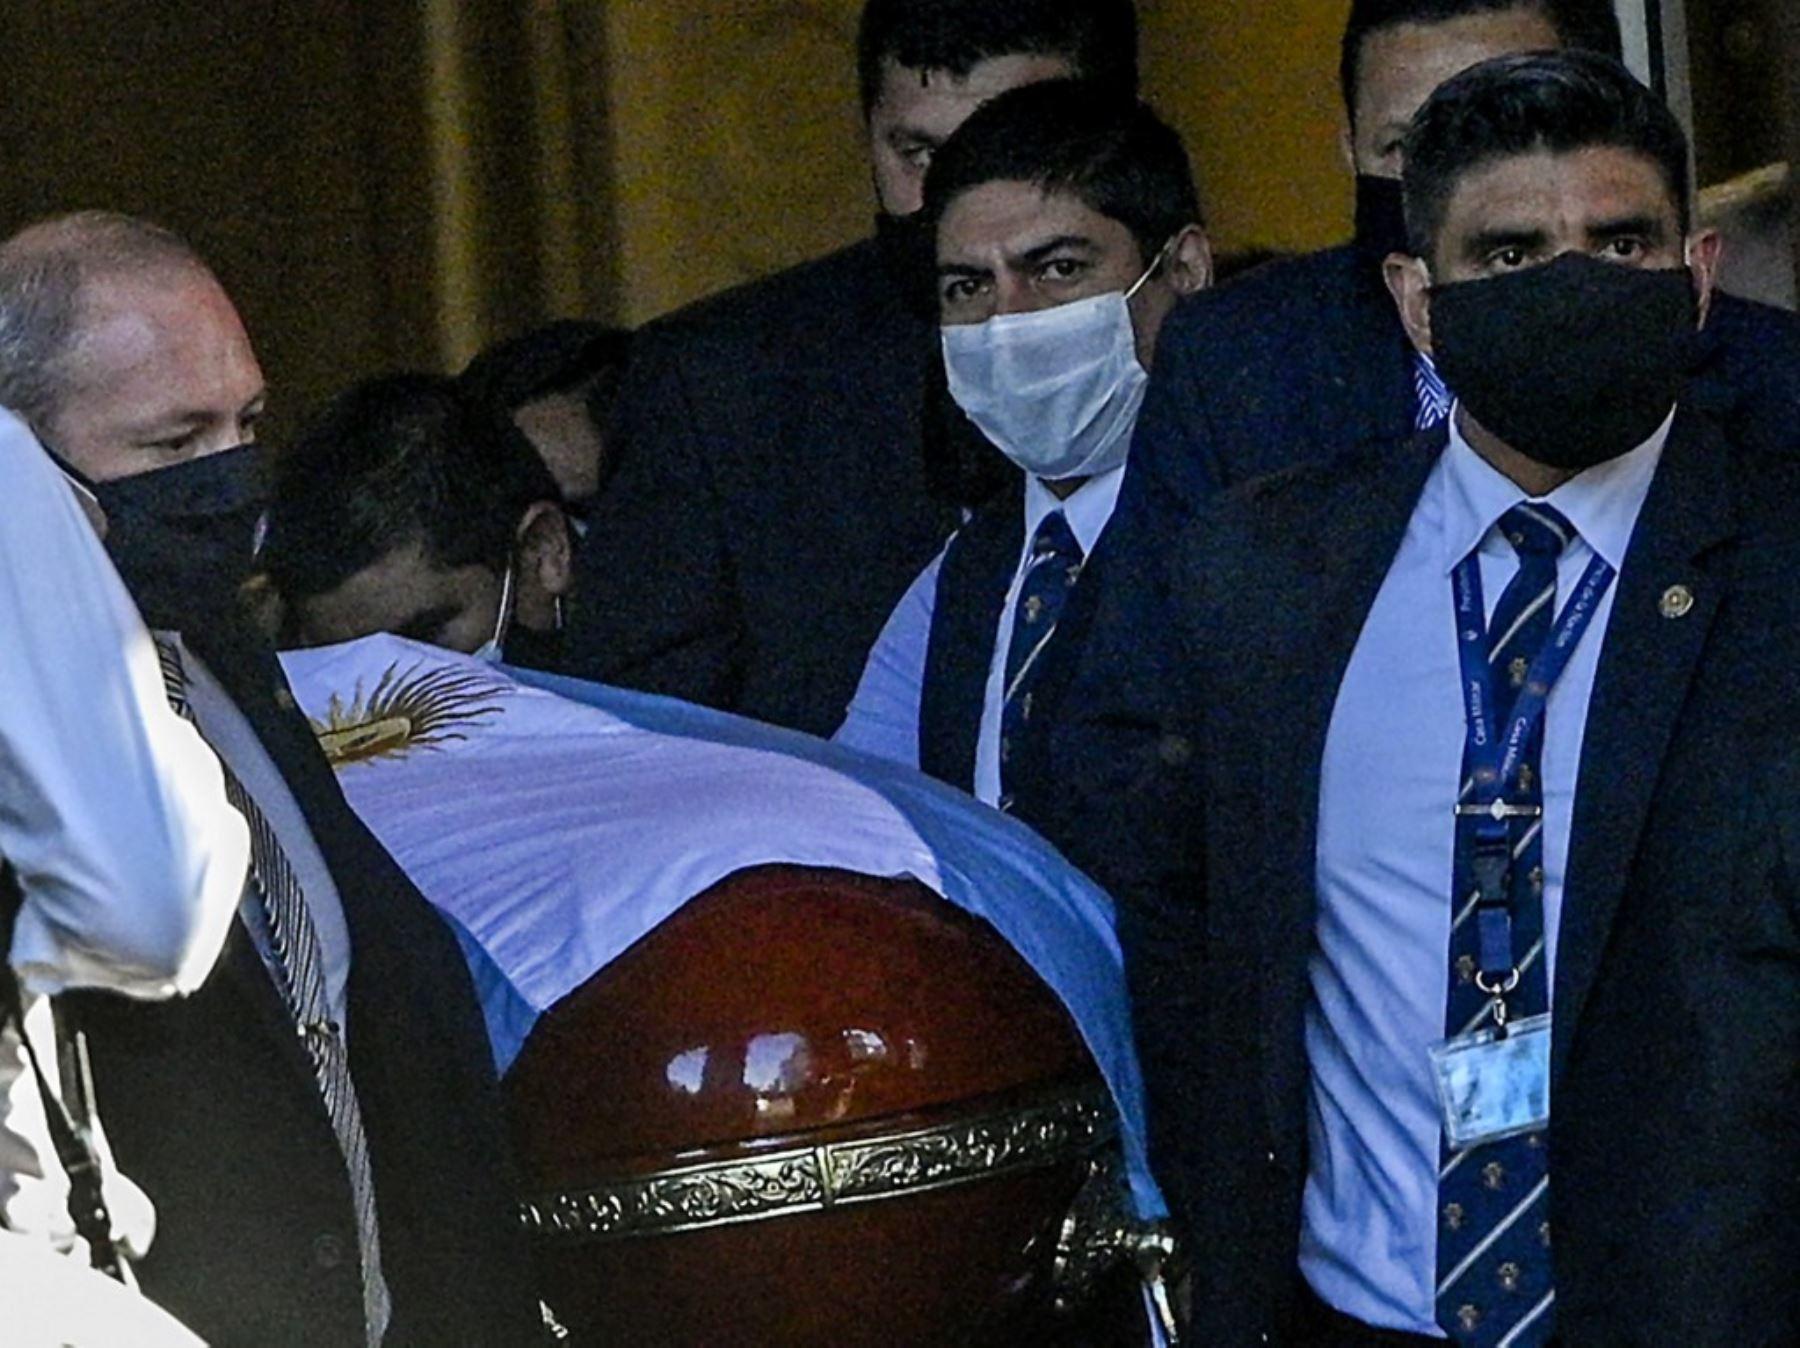 Se inicia el traslado de los restos hacia de Maradona al cementerio